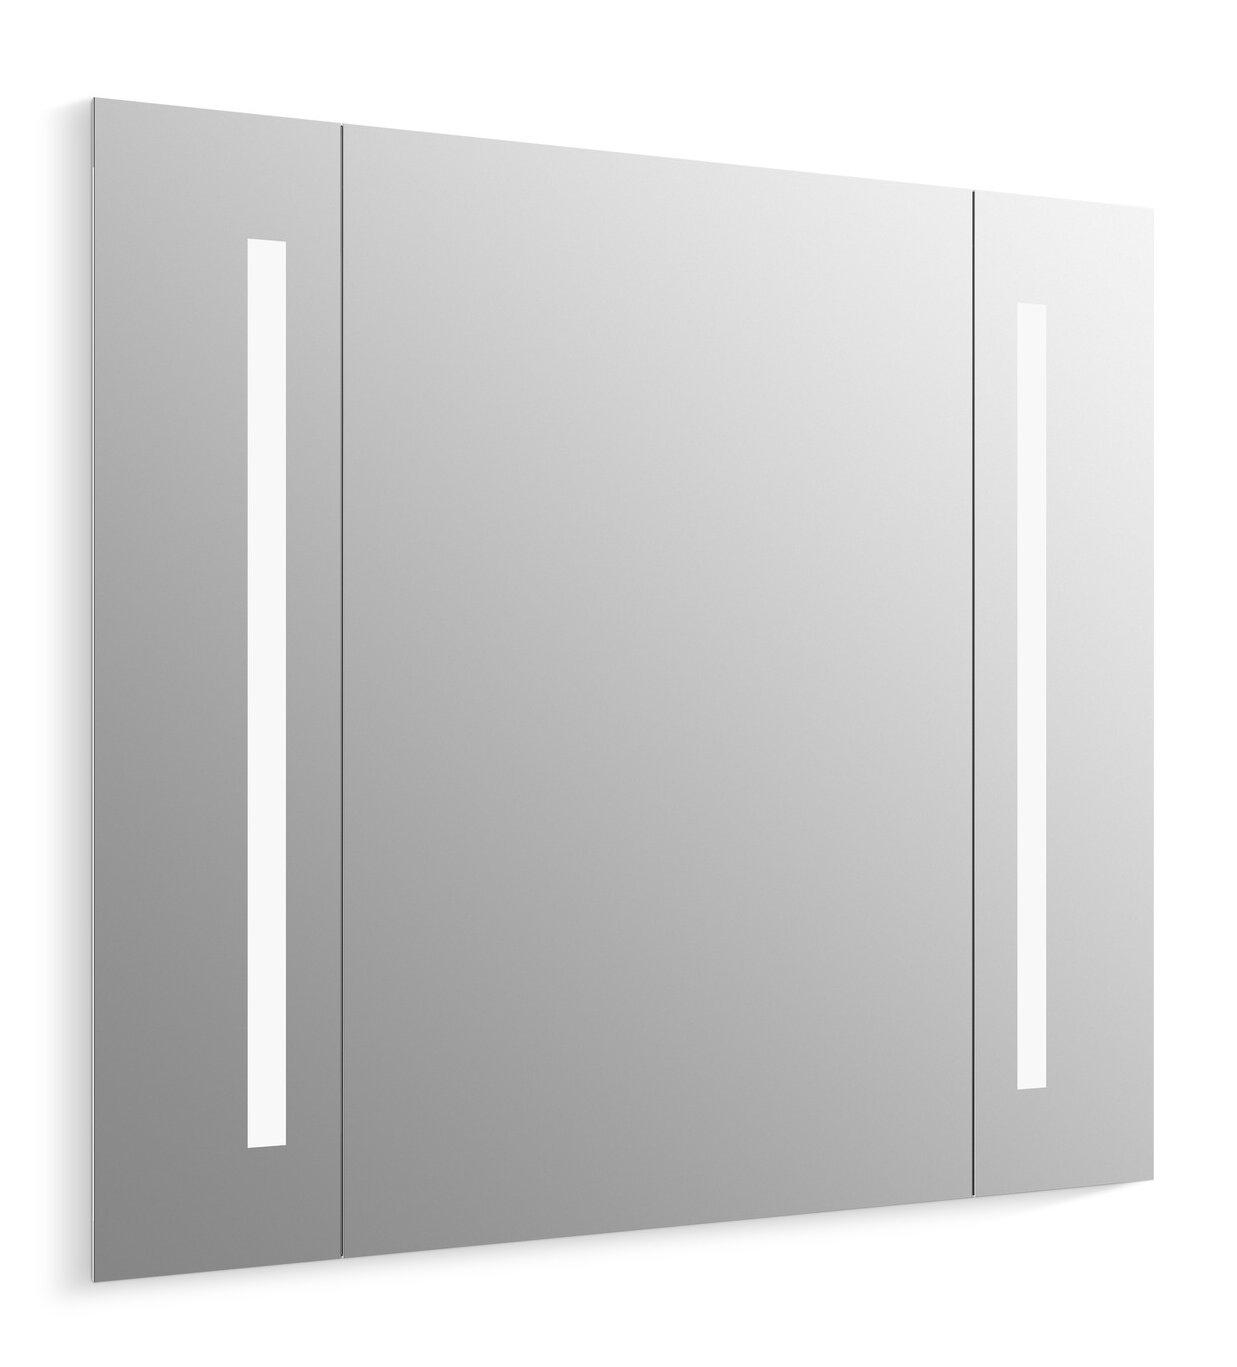 K-99573-TL-NA Kohler Verdera Lighted Bathroom/Vanity Mirror | Wayfair